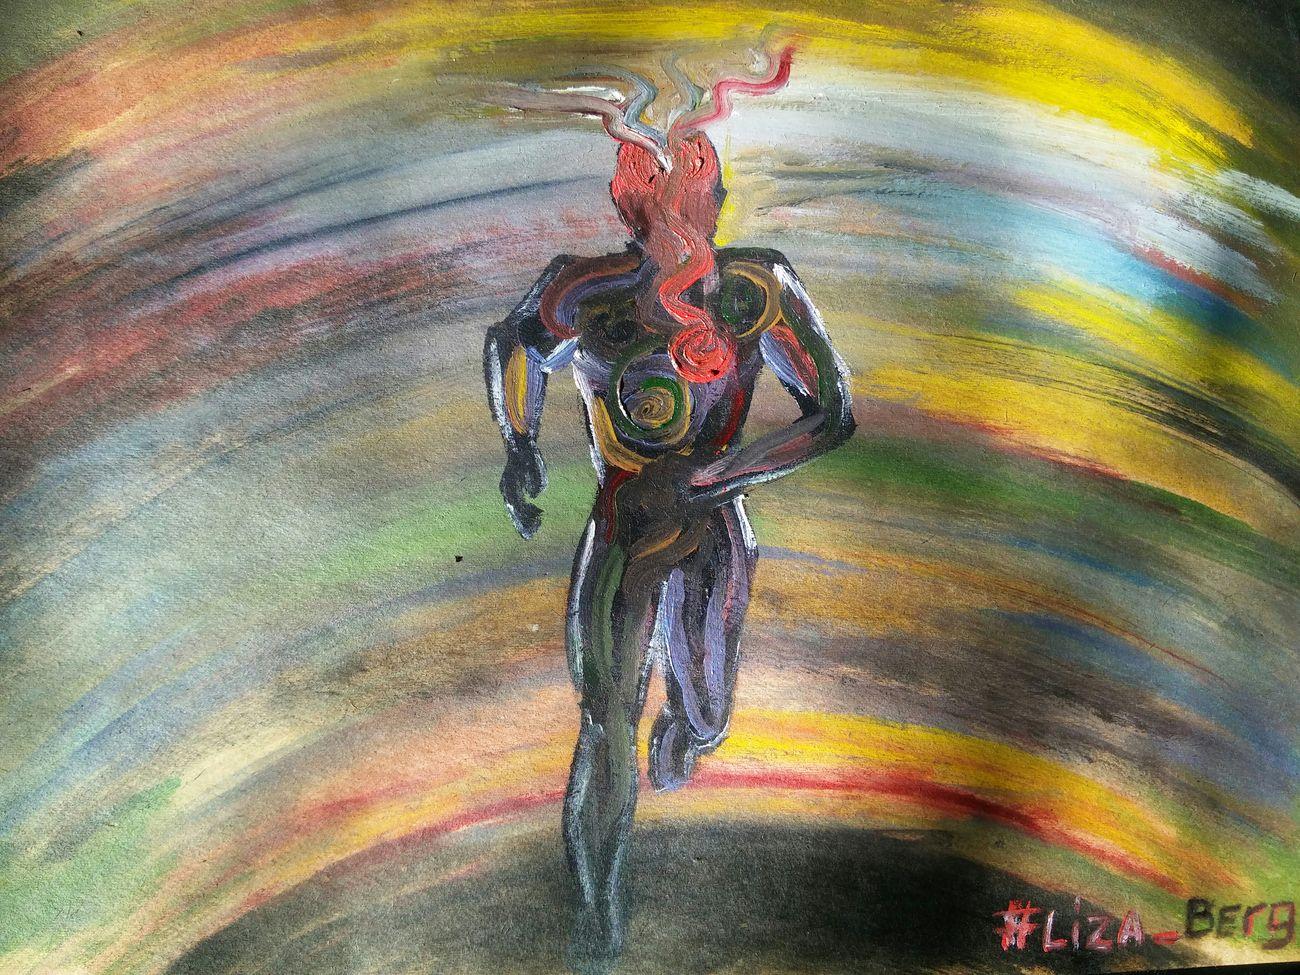 """""""побег"""". Очень быстро и на одном дыхании нарисовалась ситуация, в которой я нахожусь. Побег от собственных чувств и мыслей. рисунок рисую ArtWork Artistic Art, Drawing, Creativity . Liza_berg Liza_berg_art Colorful Colors Enjoying Life"""